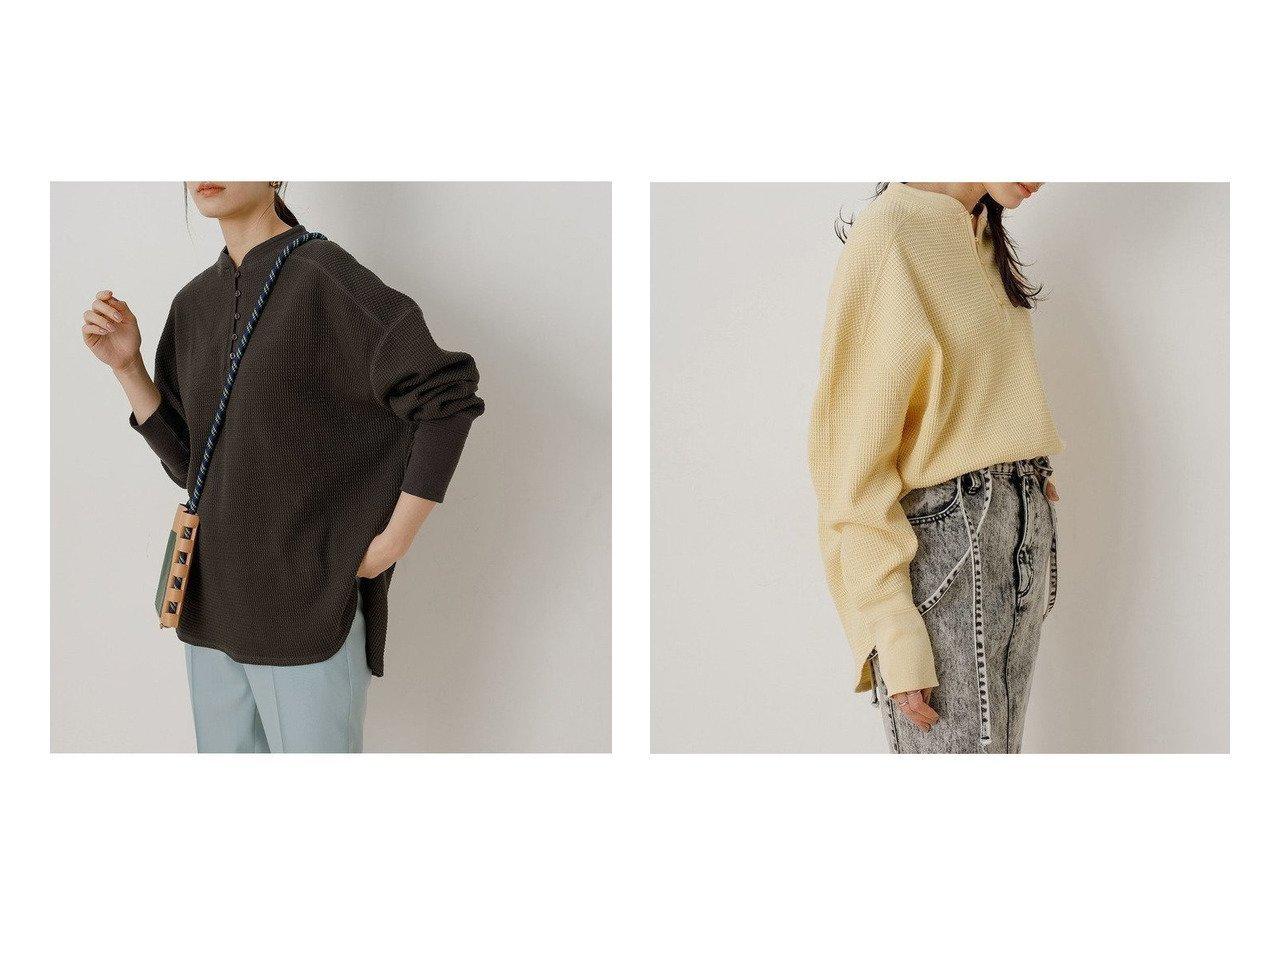 【ADAM ET ROPE'/アダム エ ロペ】のサーマルプルオーバー ROPEのおすすめ!人気、トレンド・レディースファッションの通販  おすすめで人気の流行・トレンド、ファッションの通販商品 メンズファッション・キッズファッション・インテリア・家具・レディースファッション・服の通販 founy(ファニー) https://founy.com/ ファッション Fashion レディースファッション WOMEN トップス Tops Tshirt シャツ/ブラウス Shirts Blouses ロング / Tシャツ T-Shirts プルオーバー Pullover カットソー Cut and Sewn インナー 春 Spring 切替 サーマル シンプル タートル フロント ボトム ポケット 2021年 2021 S/S 春夏 SS Spring/Summer 2021 春夏 S/S SS Spring/Summer 2021 NEW・新作・新着・新入荷 New Arrivals |ID:crp329100000017827